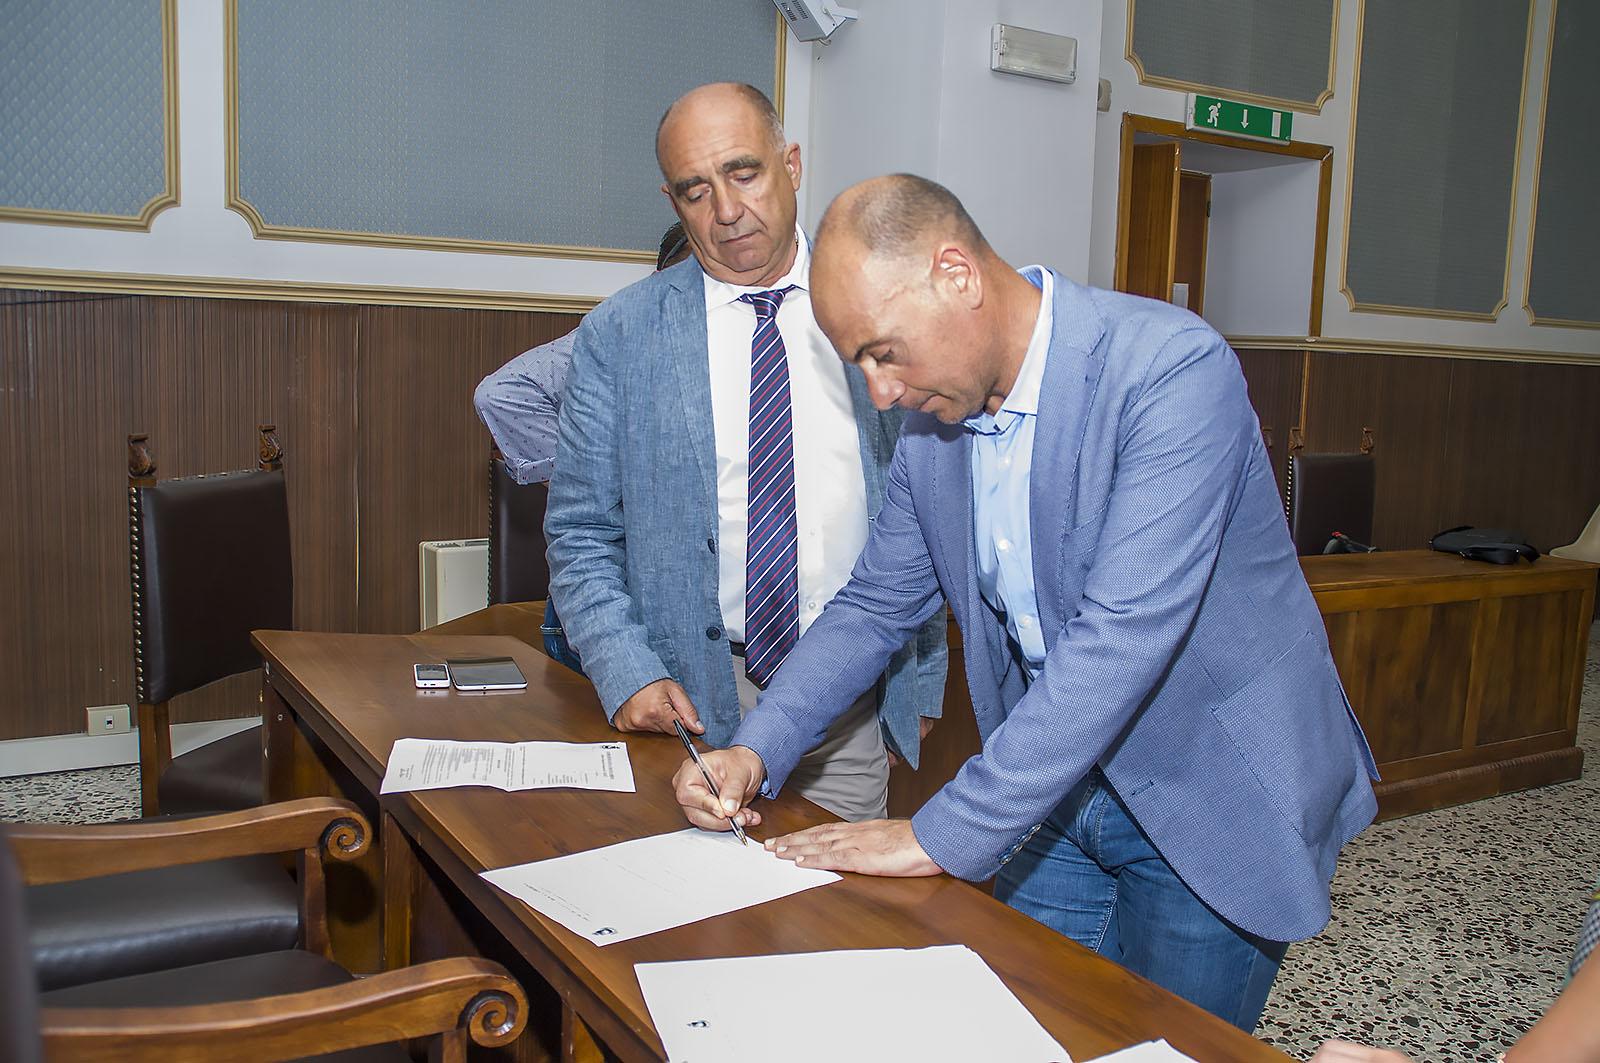 Il presidente uscente convoca il primo Consiglio: si terrà martedì 27 giugno